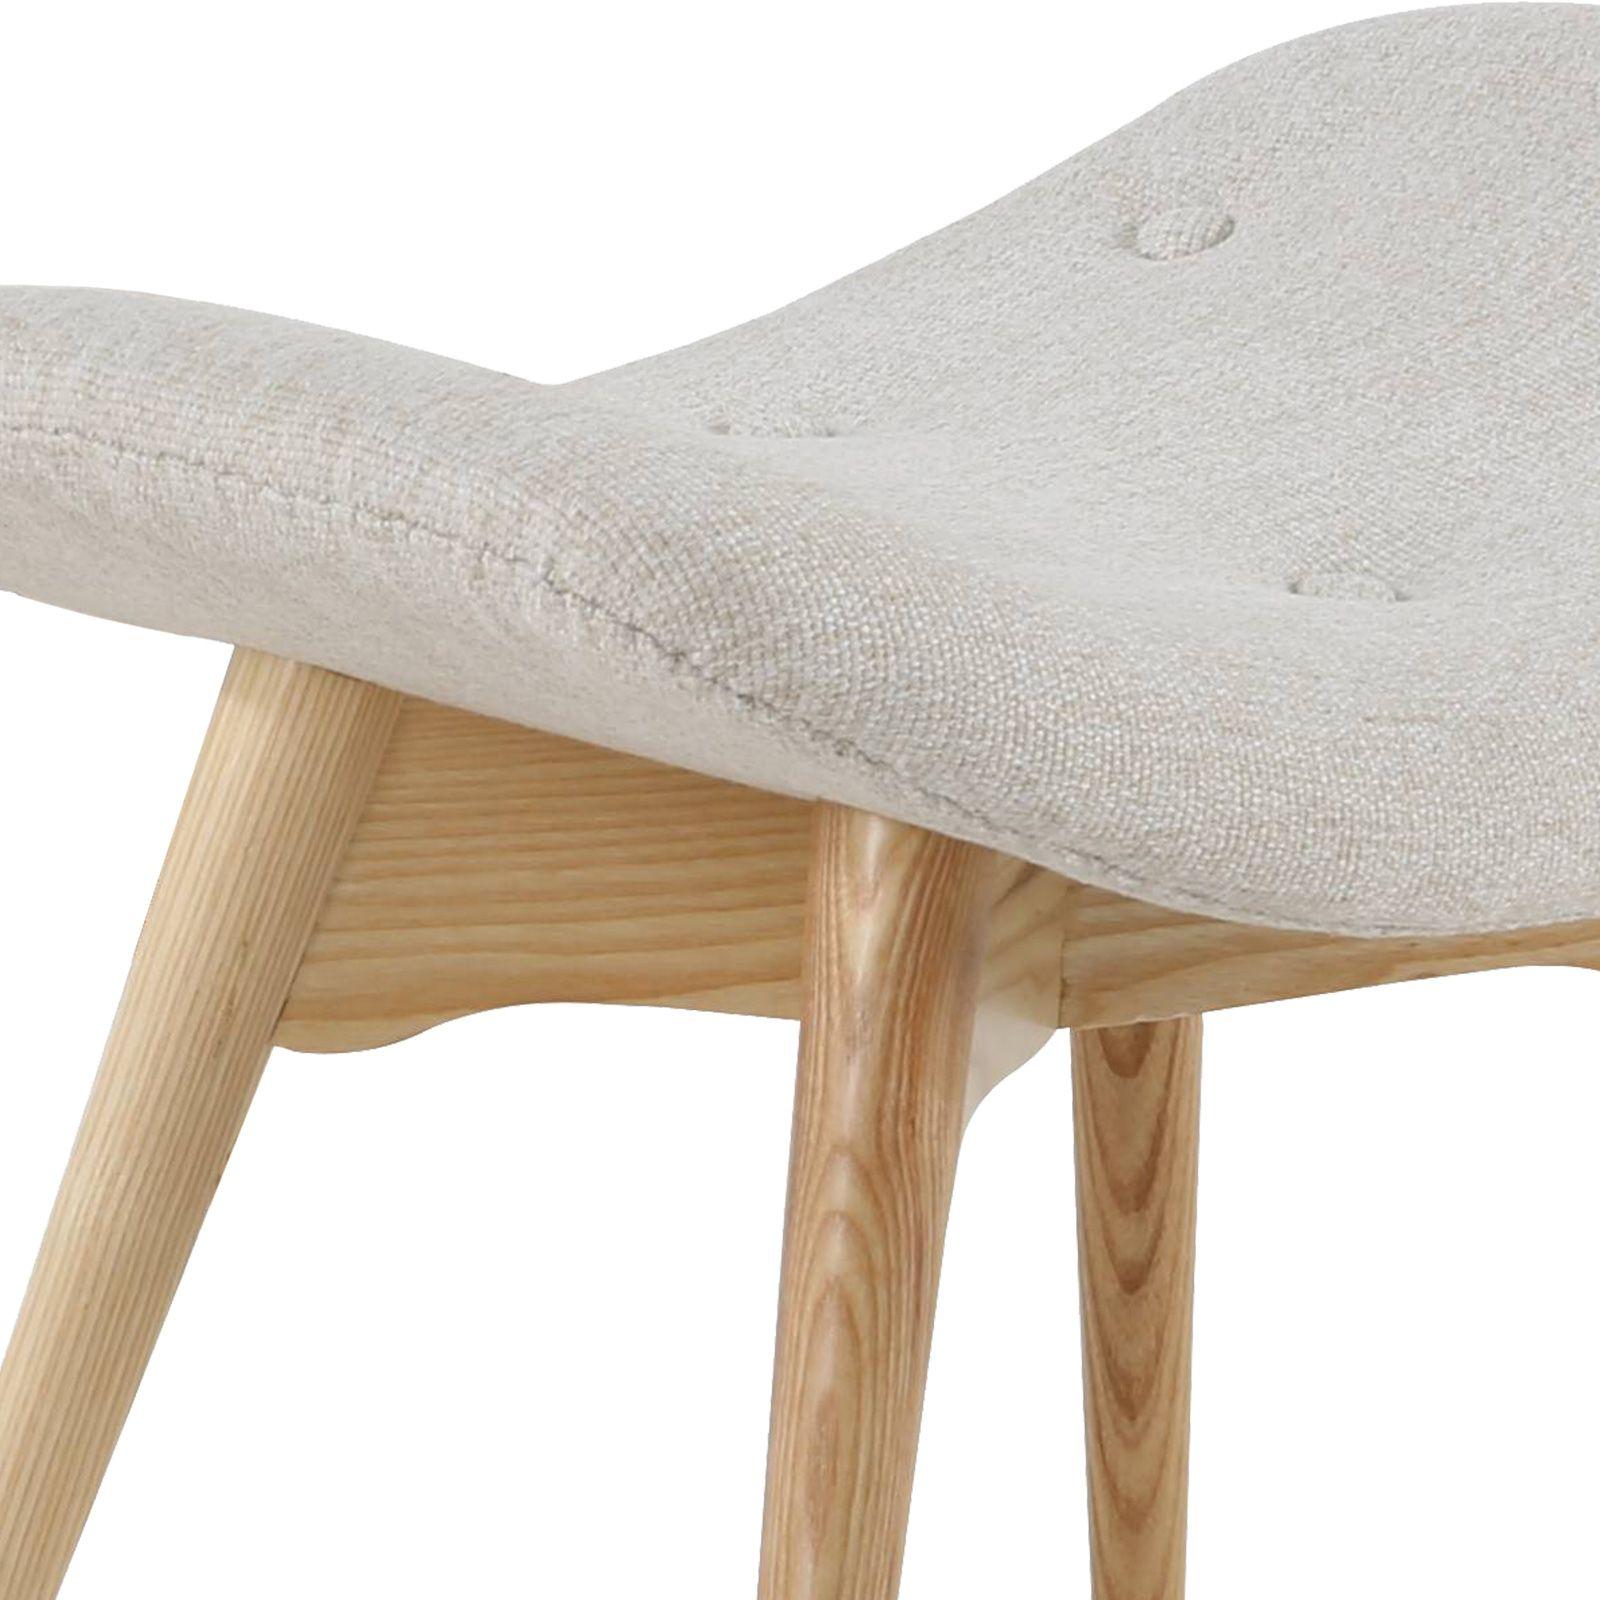 MOGUERA | Reposapiés tapizado claro (64 x 41 x 44 cm)